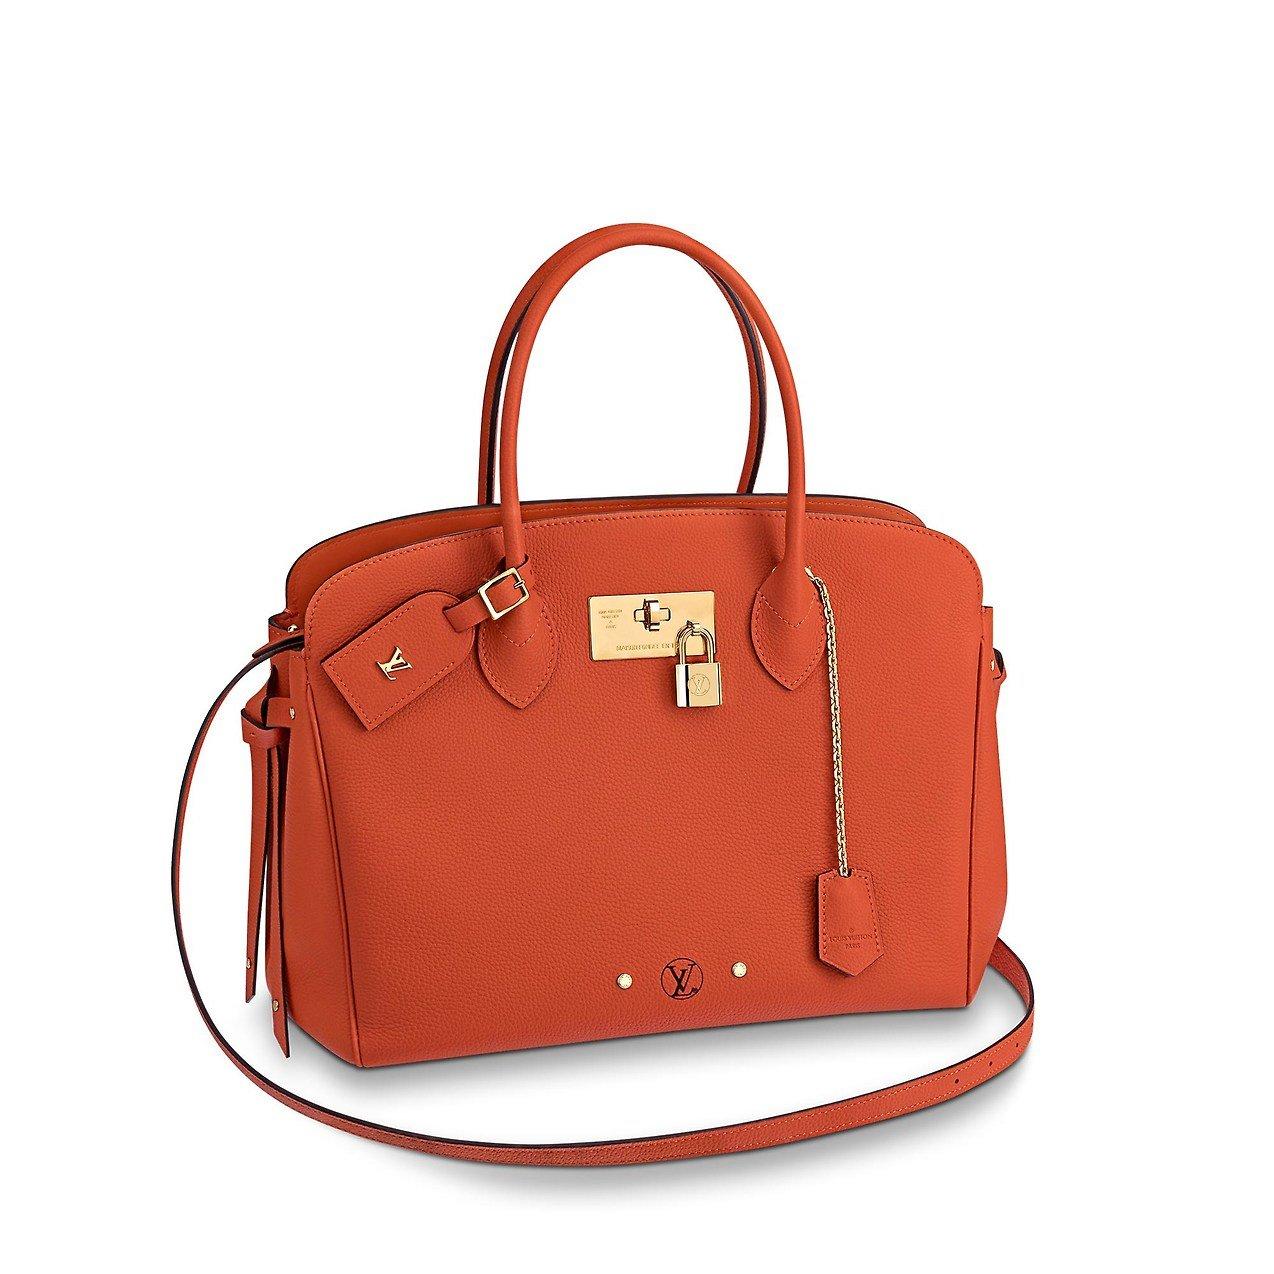 2c61dbe401 Borse Louis Vuitton 2019 - Lei Trendy